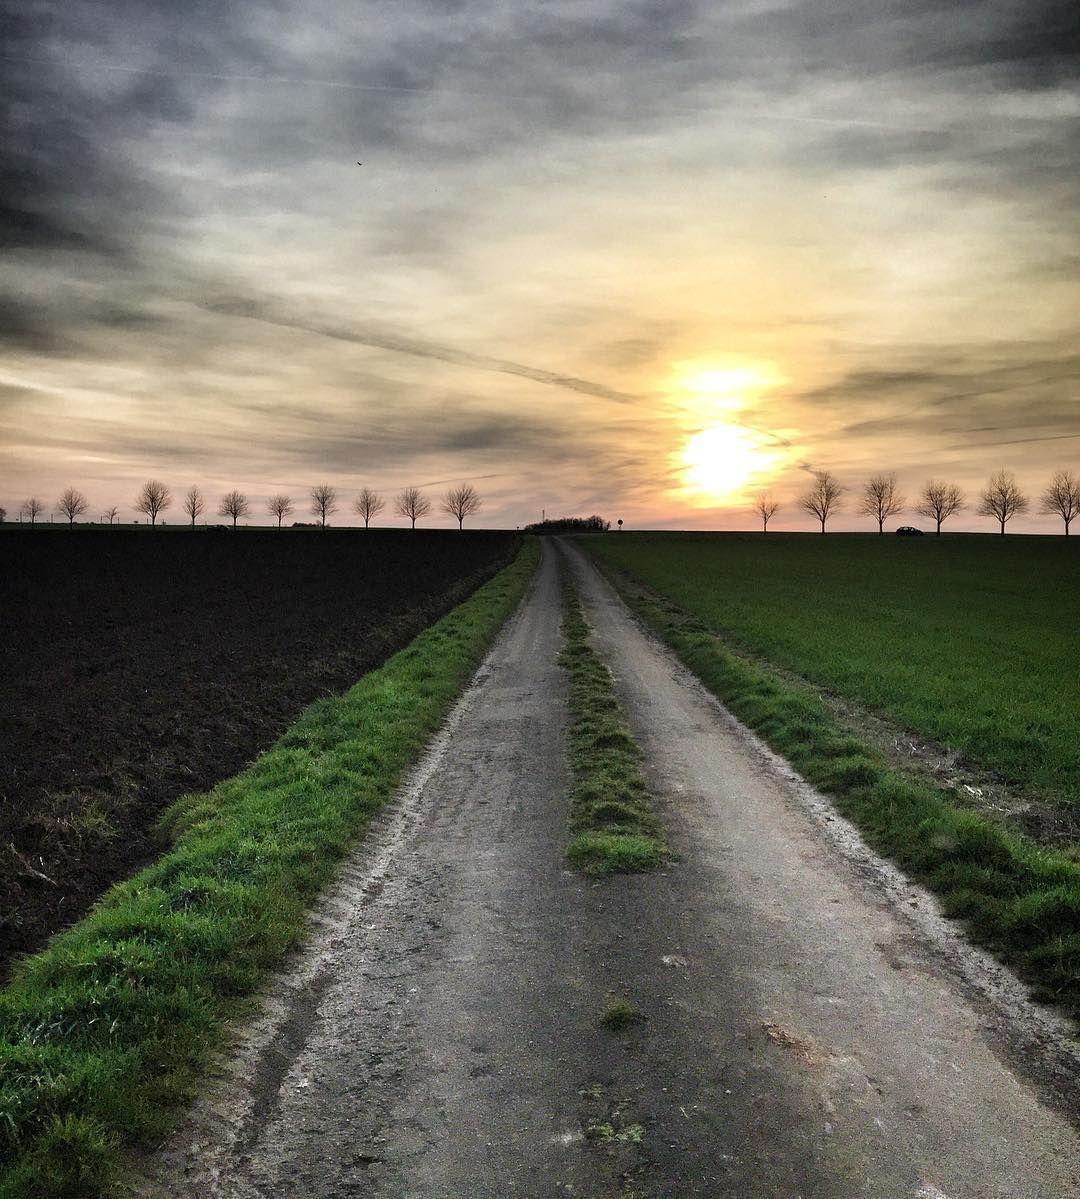 Double soleil. #igersfrance #igersniort #sunset #deuxsevres #jaimelafrance #découvrirensemble